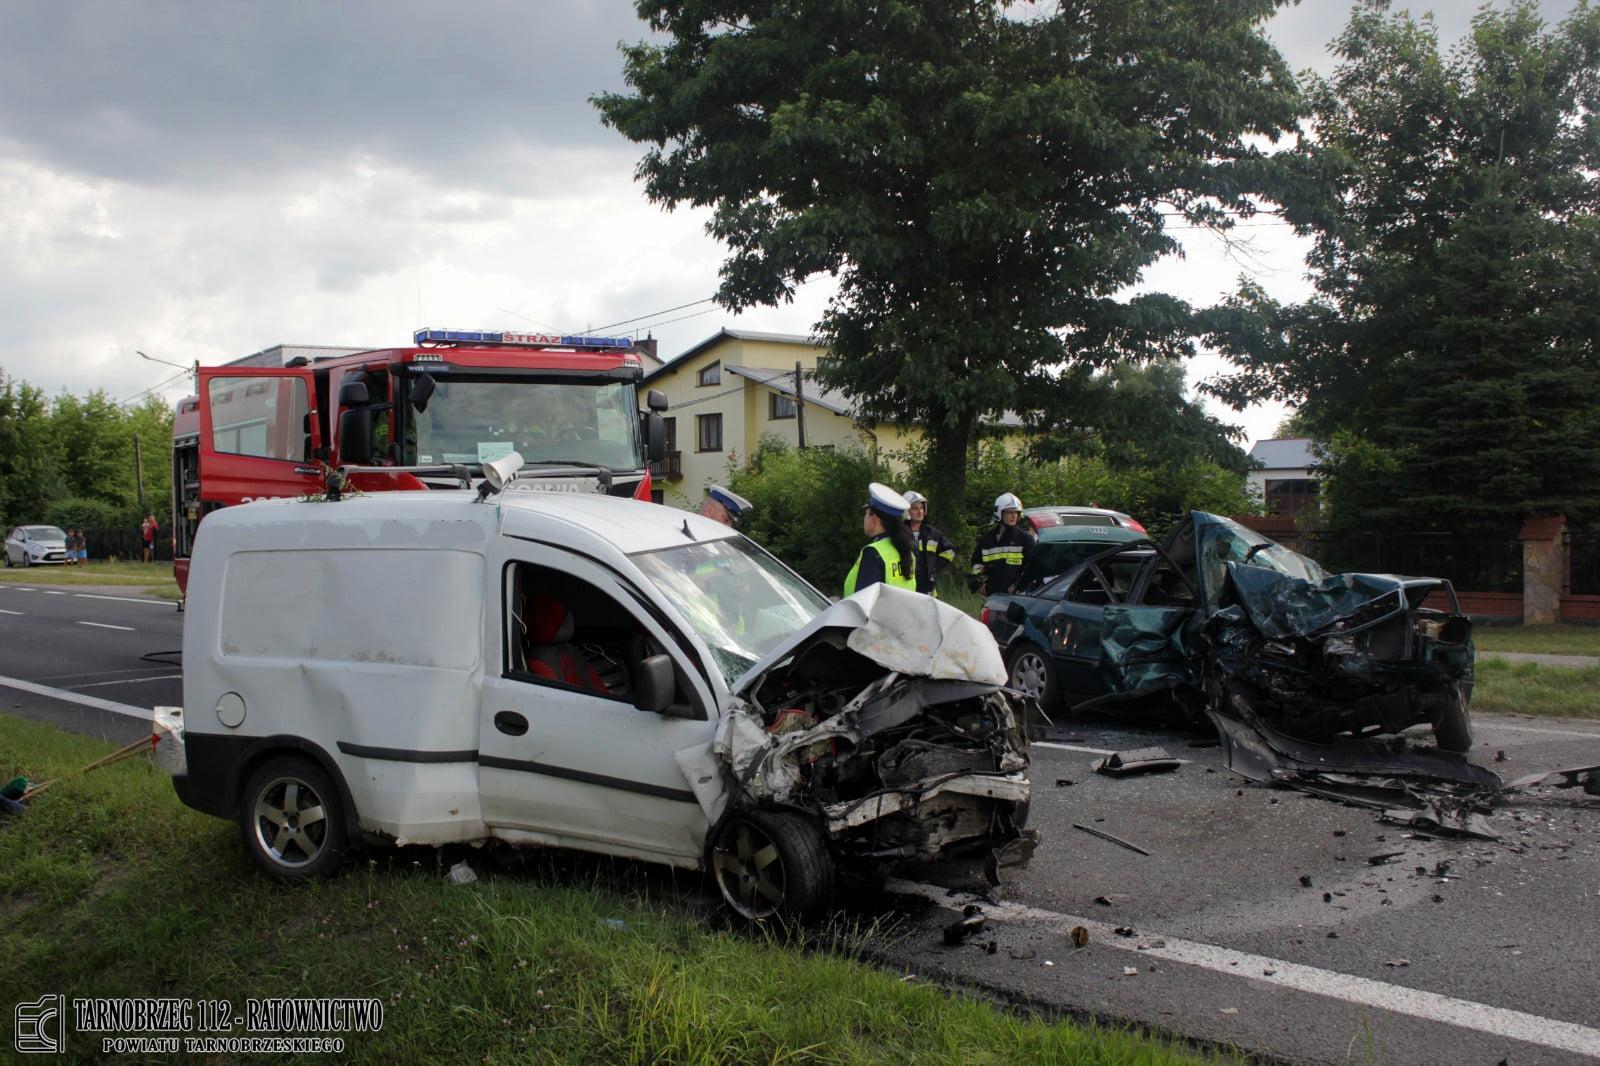 TO JEST PLAGA! Sprawca wypadku w Nowej Dębie był PIJANY! [ZDJĘCIA] - Zdjęcie główne